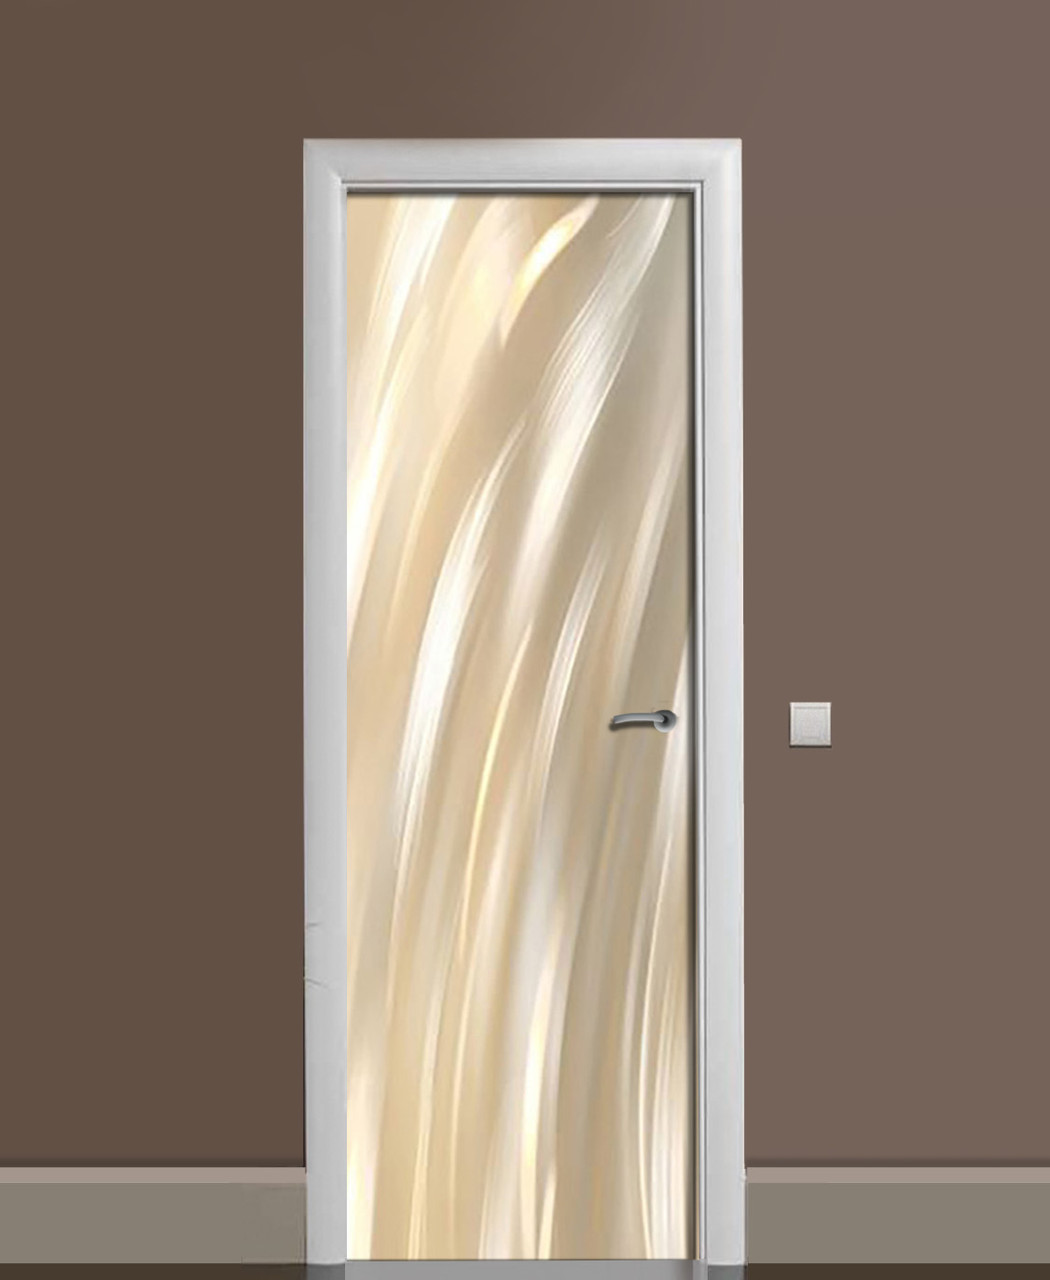 Вінілові наклейки на двері Пастельні мазки фарби ПВХ плівка з ламінуванням 65*200см Текстура Бежевий